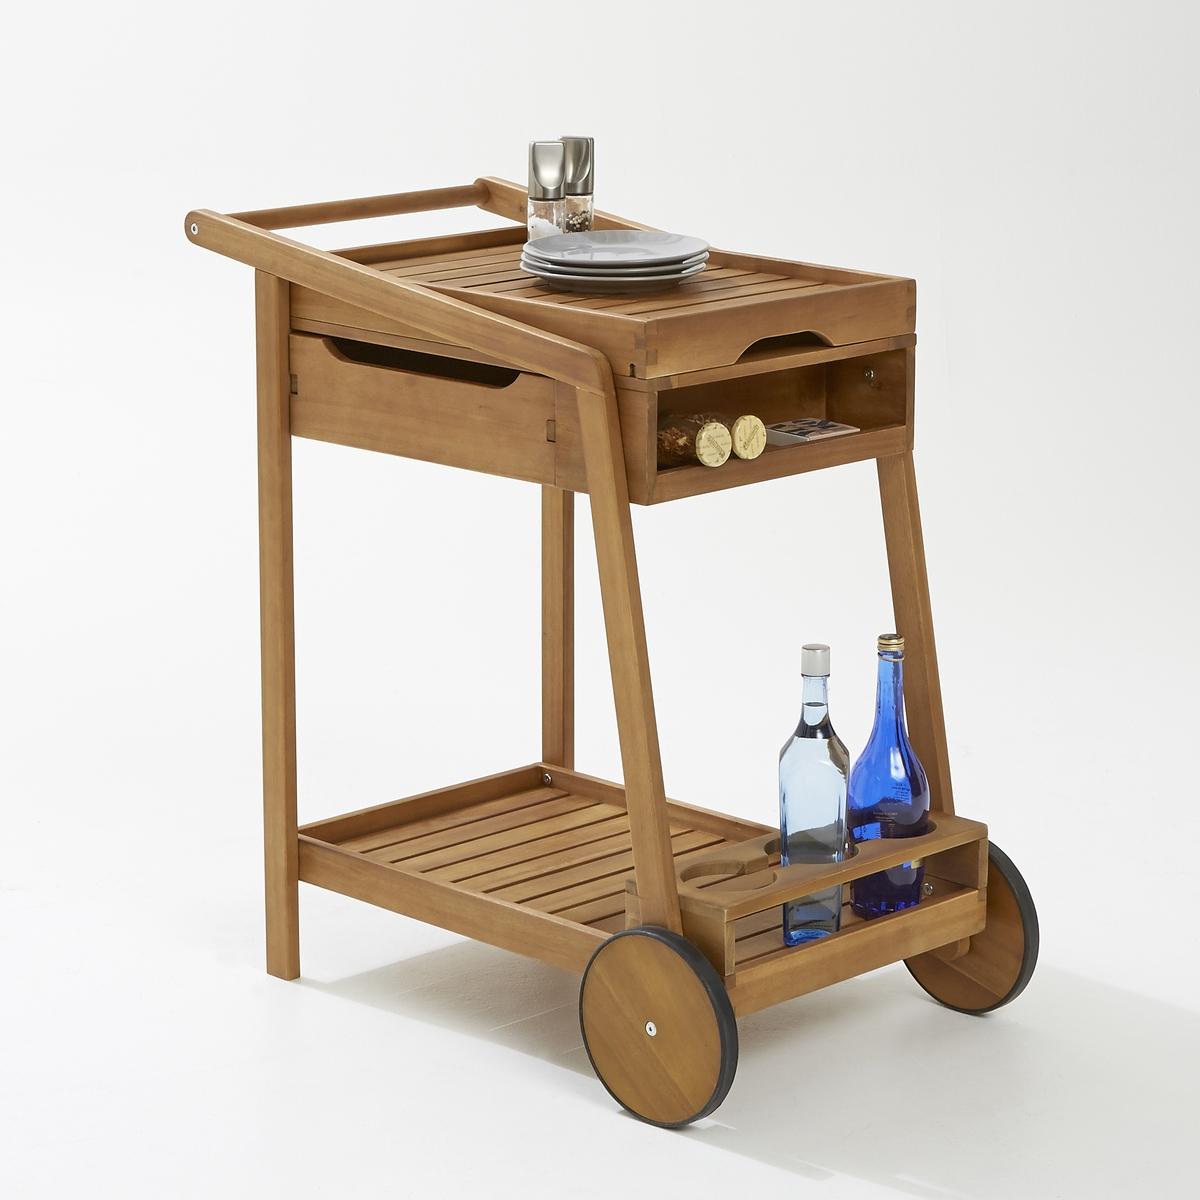 Столик сервировочный на колесиках,  2 полки и съемная столешницаИдеальный для сада или террасы, ваш столик на колесиках сослужит вам хорошую службу во время  обеда на природе ! 2 уровня, съемная столешница, ящик для вещей, отделение для бутылок, этот столик легко перемещать на колесах во время трапезы на террасе. Строгий и элегантный столик из акации идеально разнообразит ваш арсенал садовой мебели .Характеристики  :Прямоугольная форма 2колесика 2 полки 1 ящик  отделение для бутылок Древесина акации Размеры большого столика :Длина : 50смШирина : 85смВысота : 85смВес : 12кгРазмеры столешницы :Длина 58см  x Ширина  43.7см x высота 6см Размеры упаковки :1 упаковкаДлина 131смШирина  44.5Высота 18смВес : 15 кг Качество :Акация-дерево с уникальными механическими свойствами: прочность(устойчивость к насекомым и грибкам),и влажности(чередование сухих и влажных периодов).<br><br>Цвет: акация